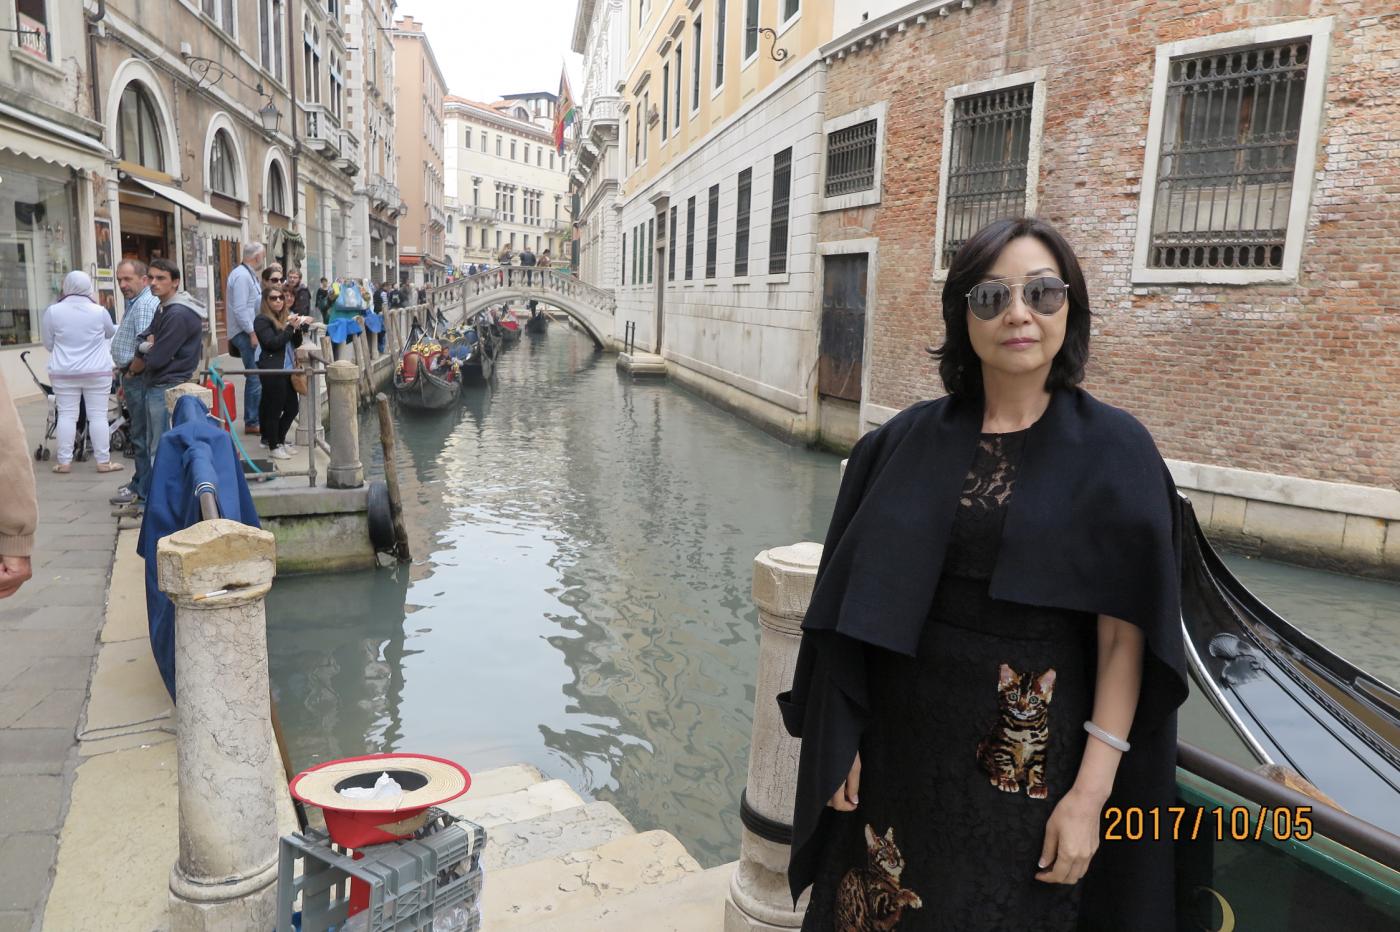 水乡威尼斯:无限的魅力永久的回忆_图1-31